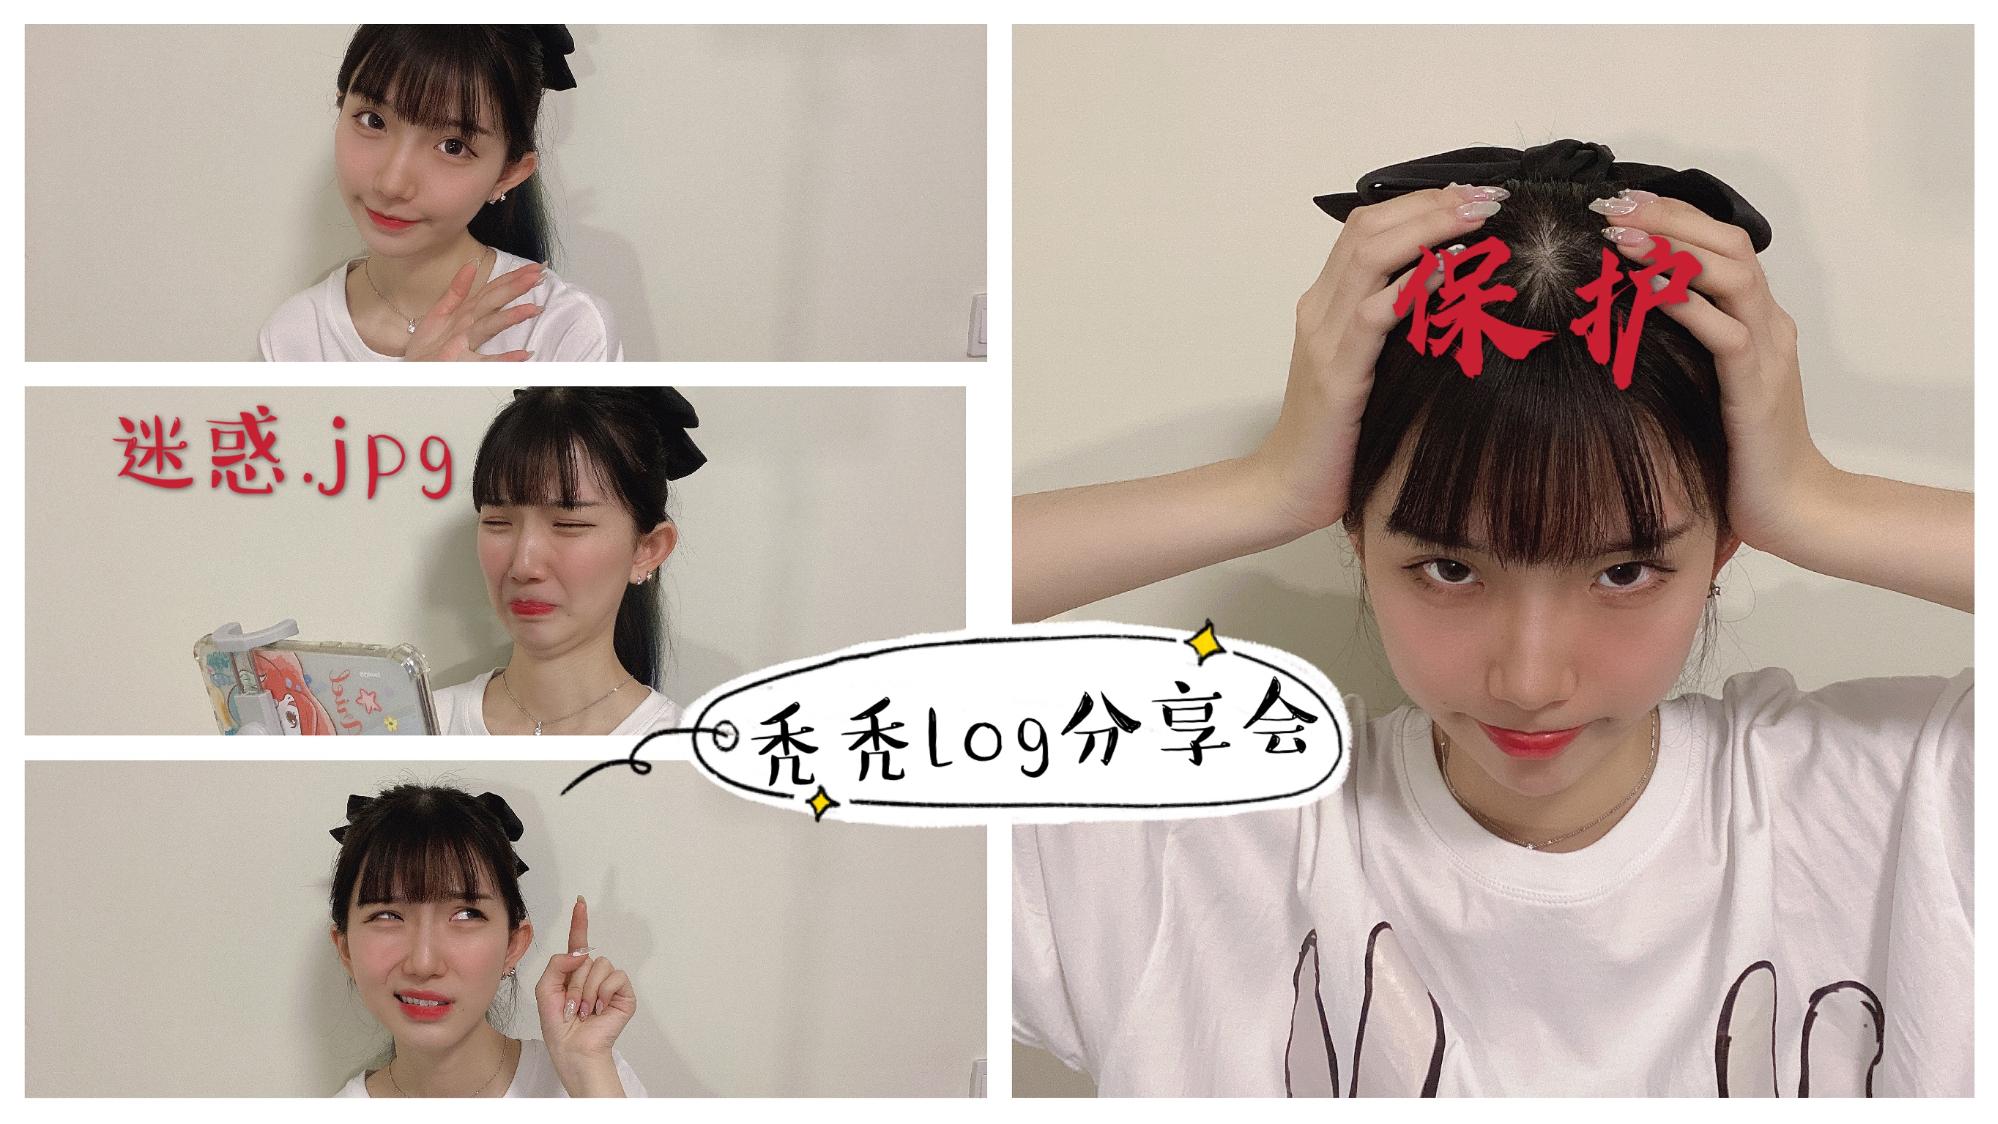 【秃秃log】让樱桃头发越来越少的Vlog之路